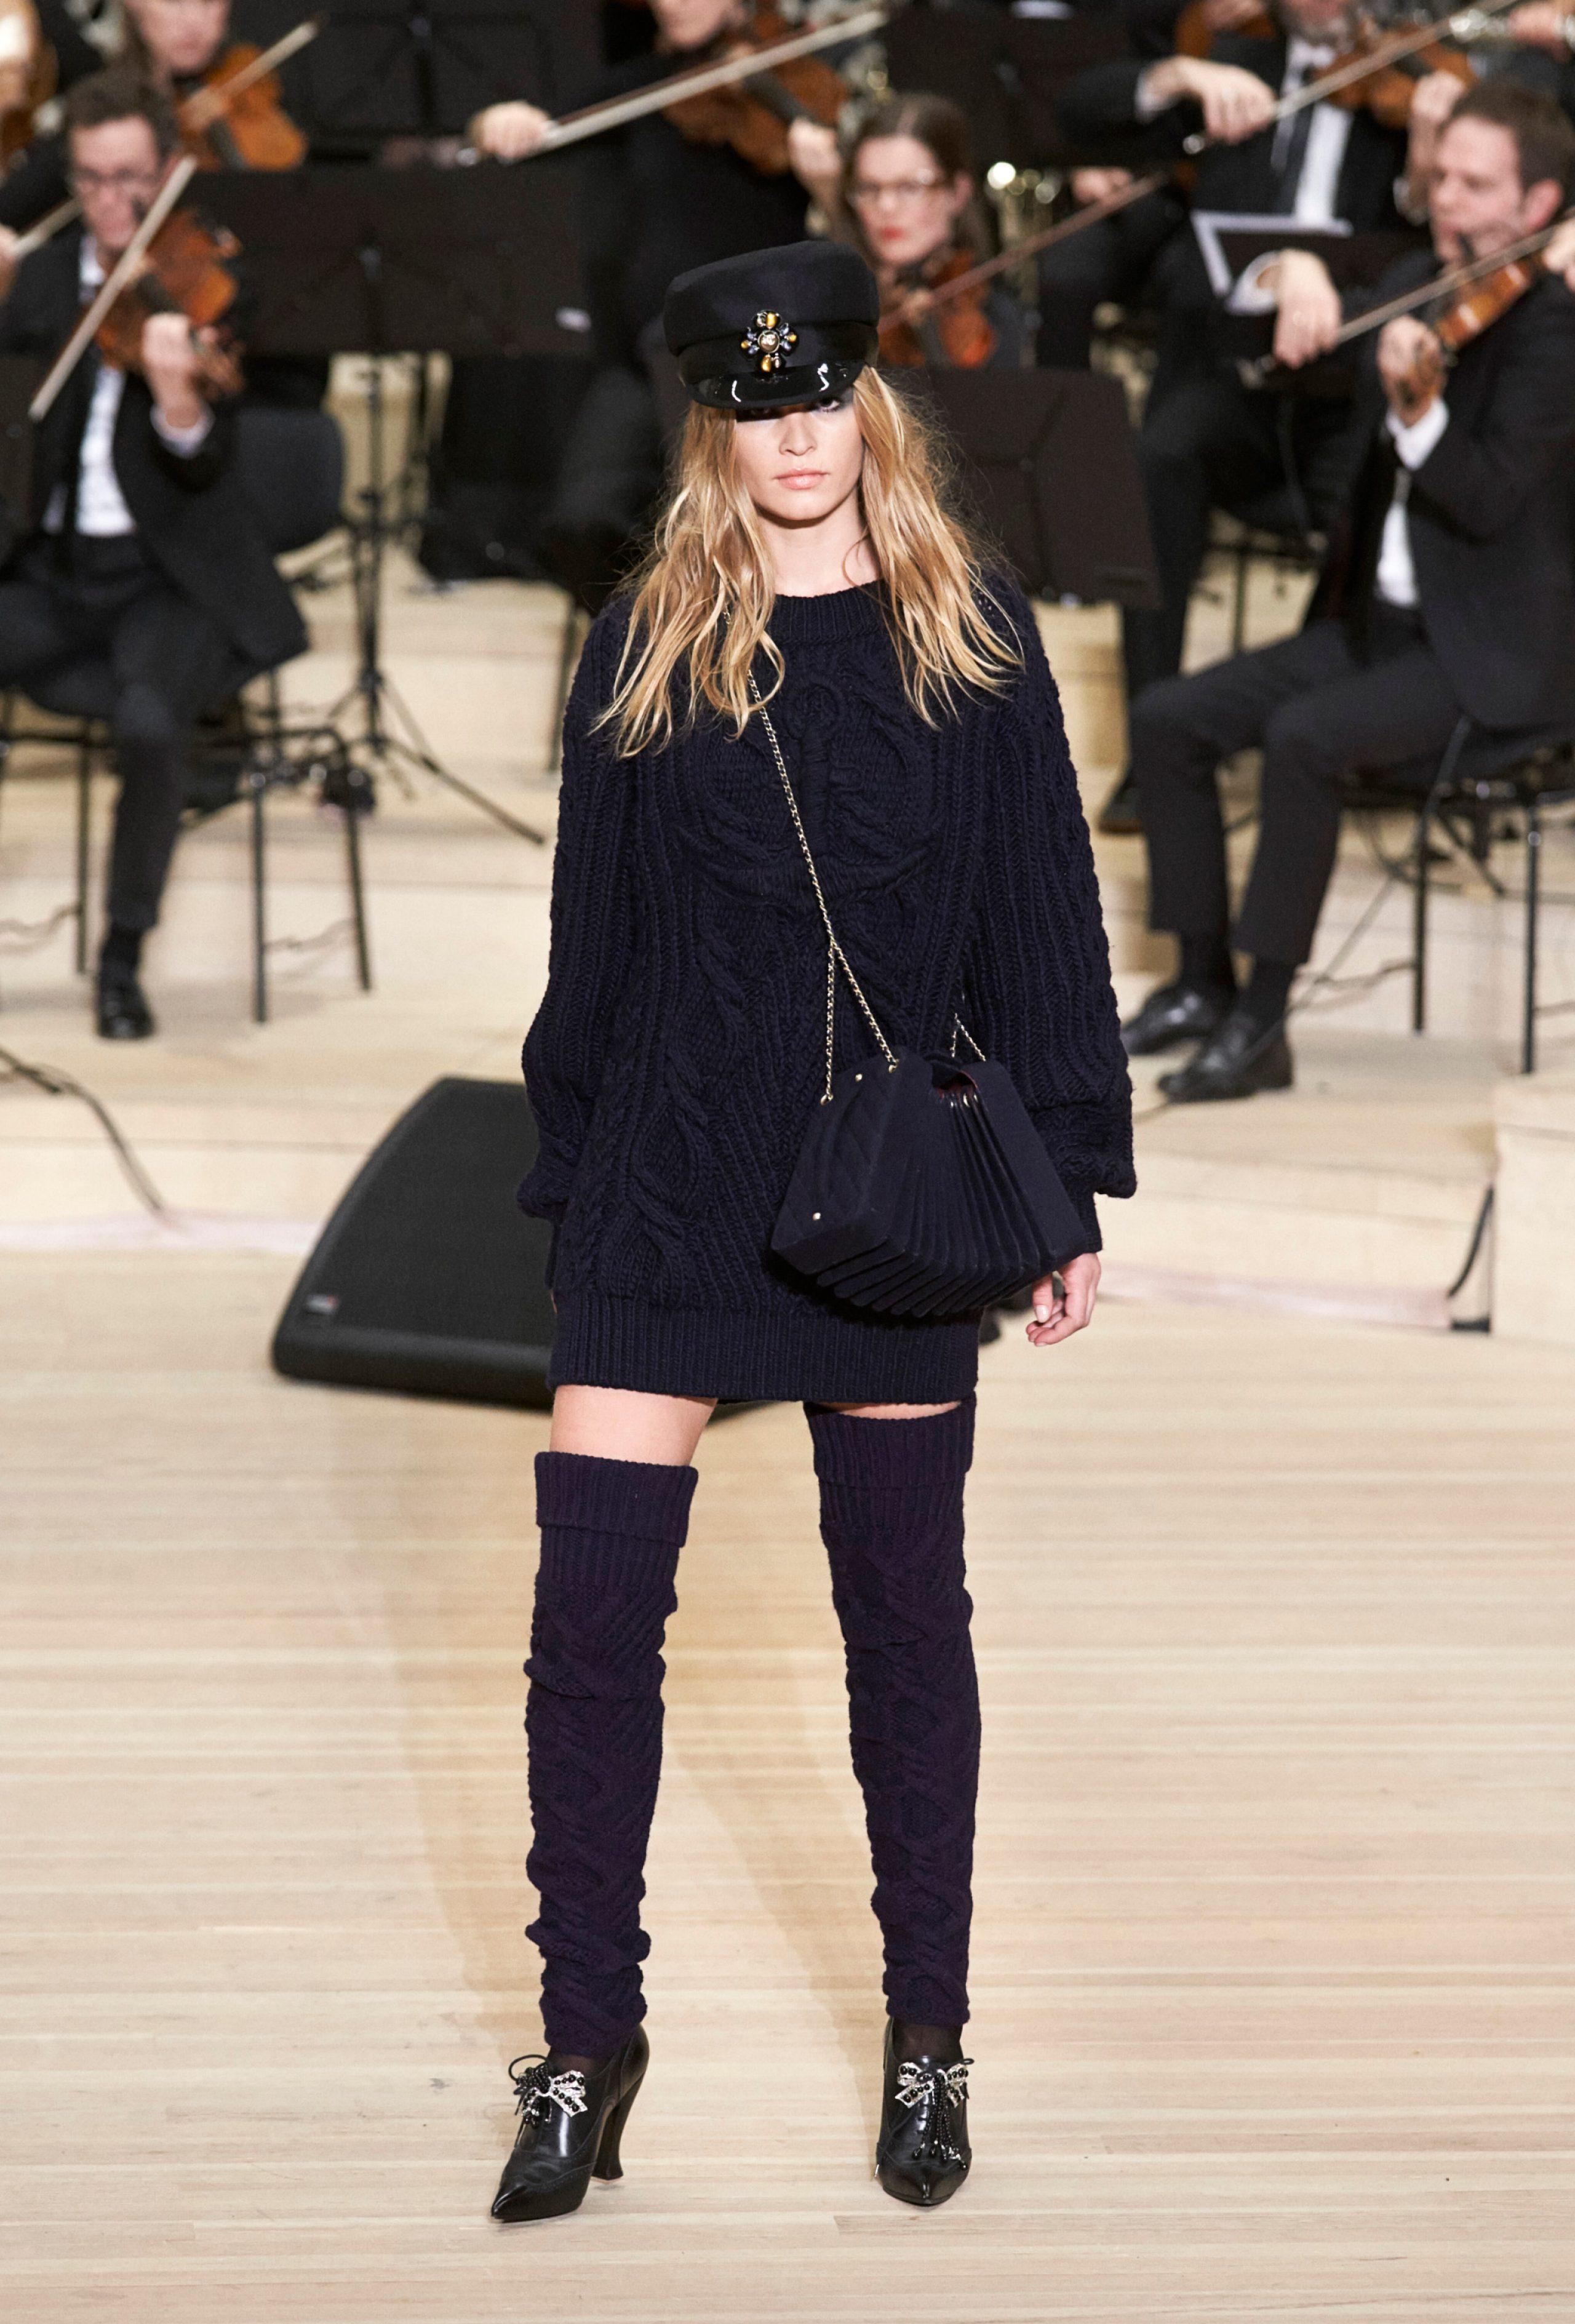 Лучшие образы с шоу Chanel Metiers d'Art Paris Hamburg 2017/18-Фото 1